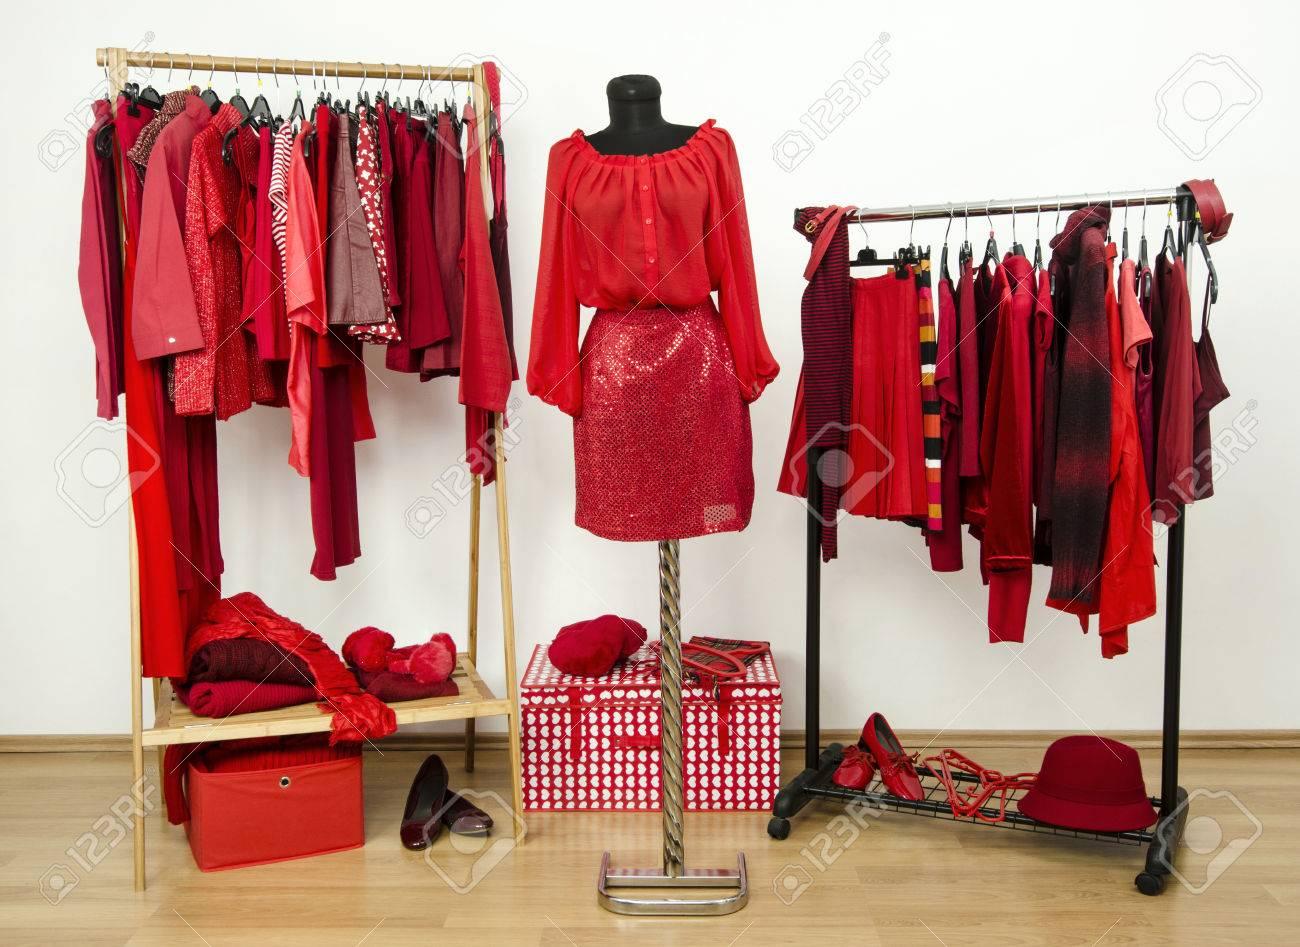 foto de archivo vestir armario con ropa de color rojo dispuestas en perchas y un traje en un maniqu armario lleno de todos los matices de la ropa de